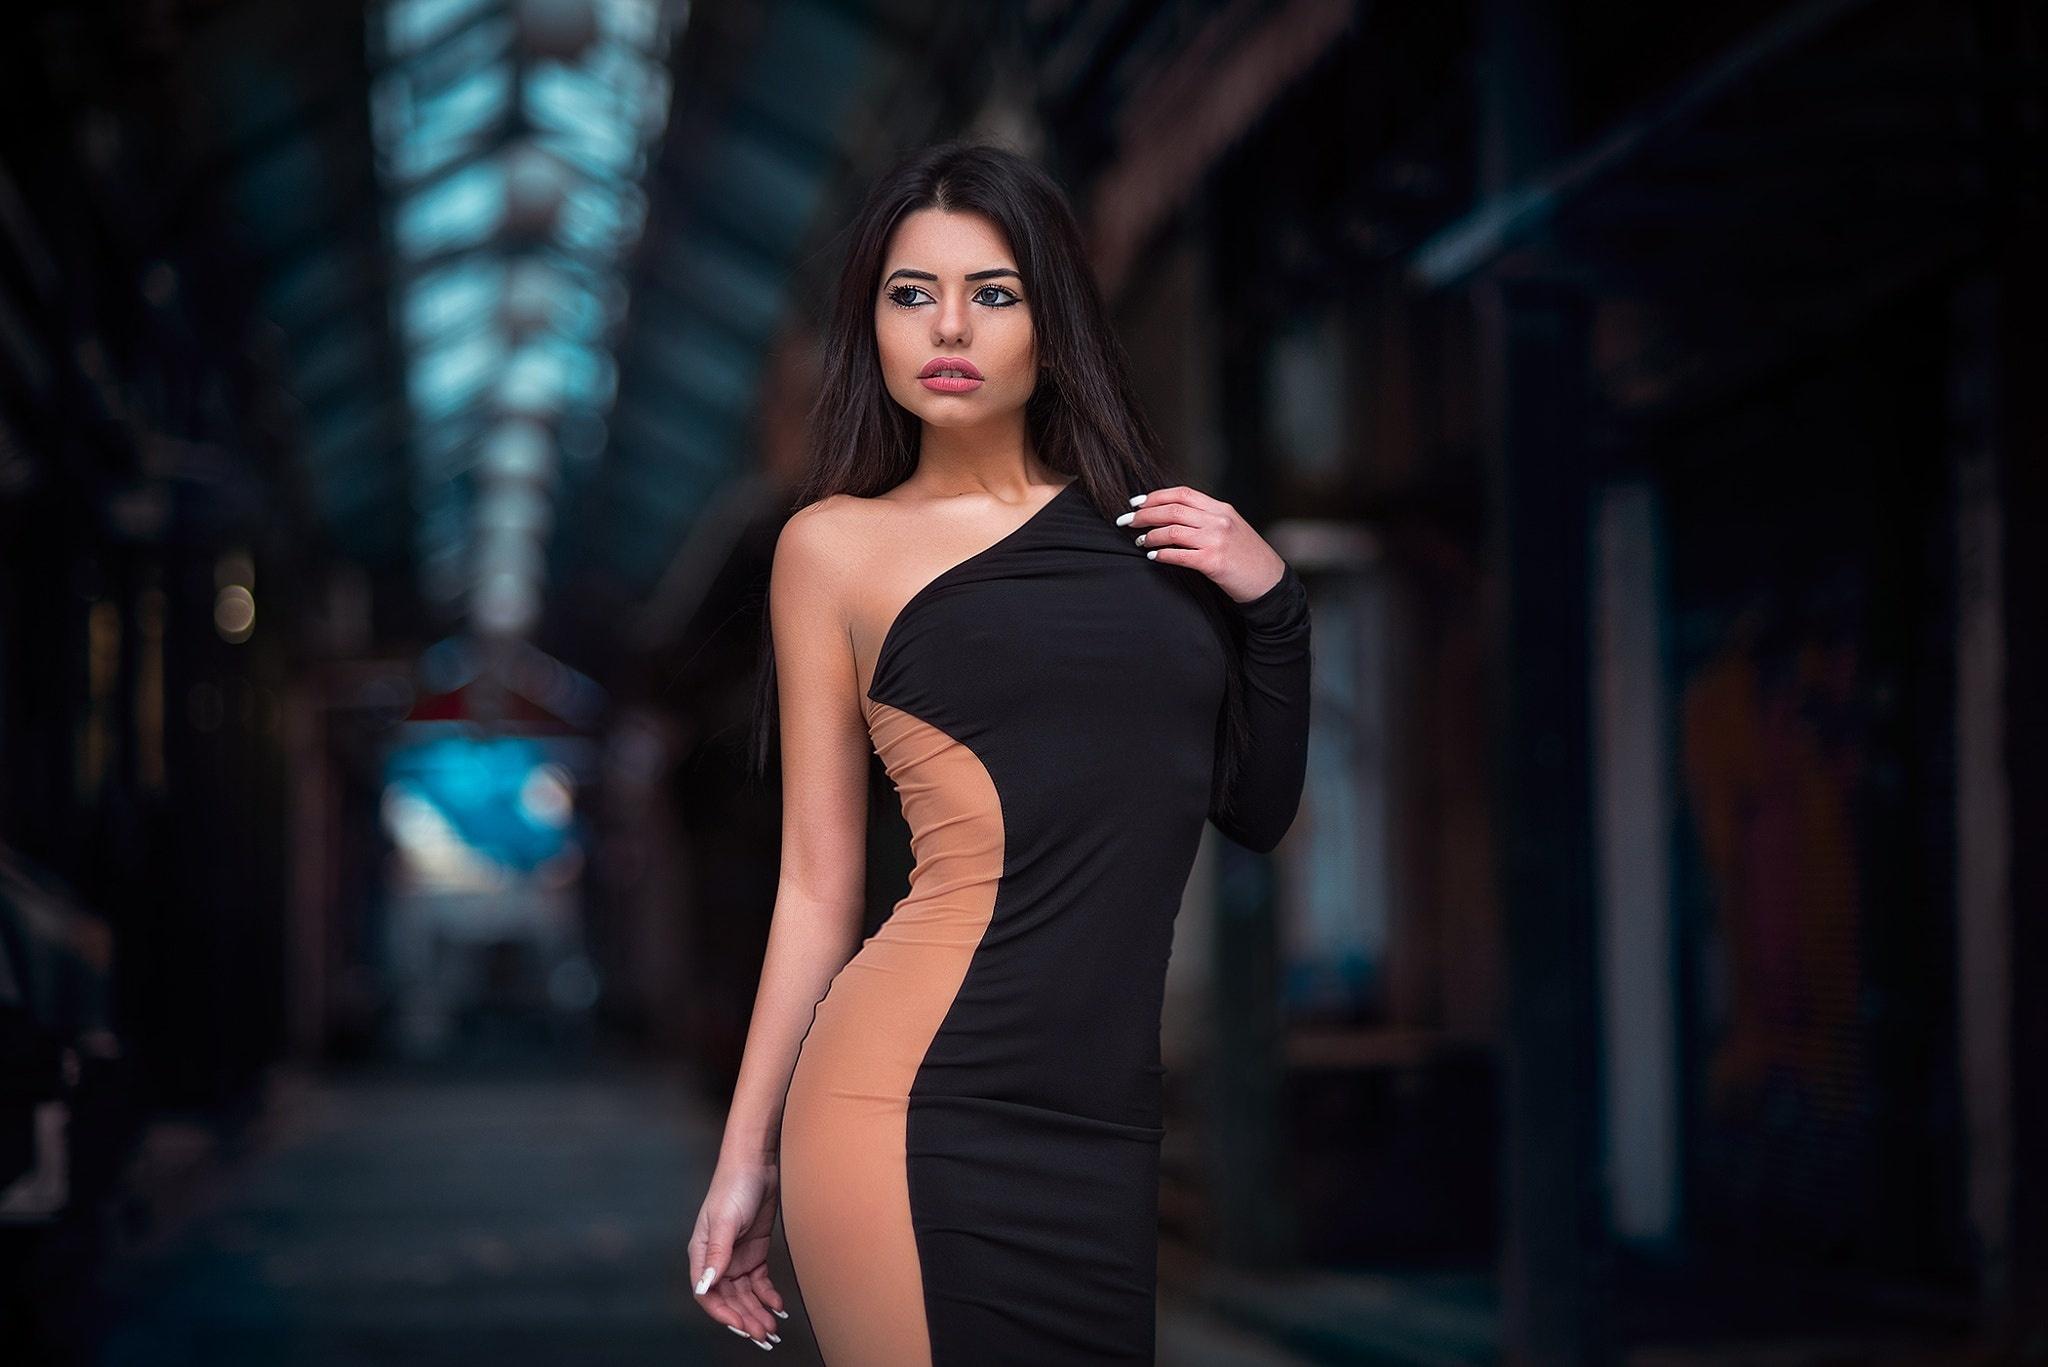 фото девушки в платье меня сейчас